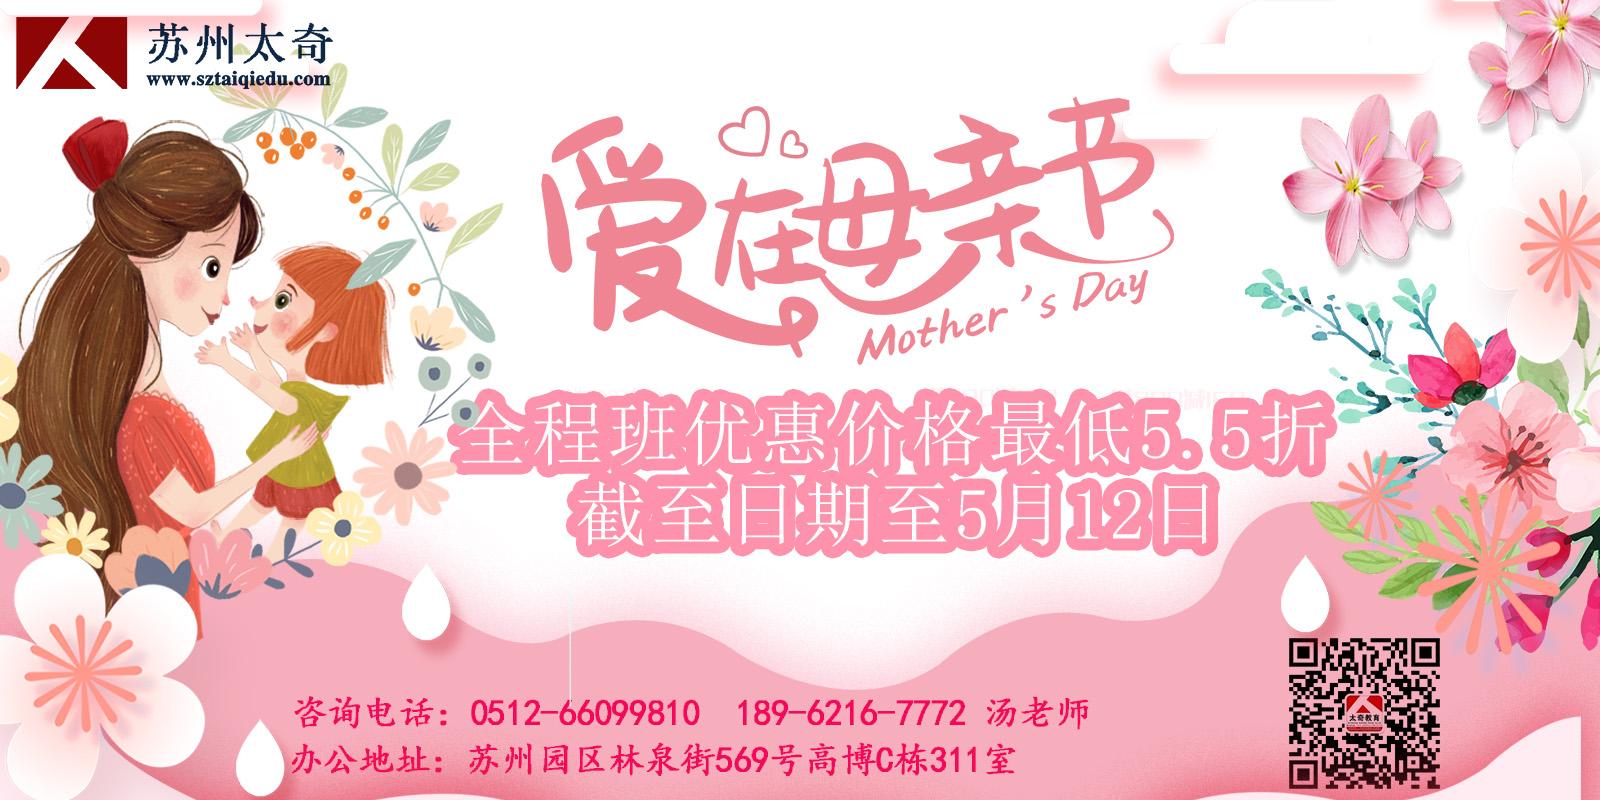 苏州太奇考研母亲节优惠活动